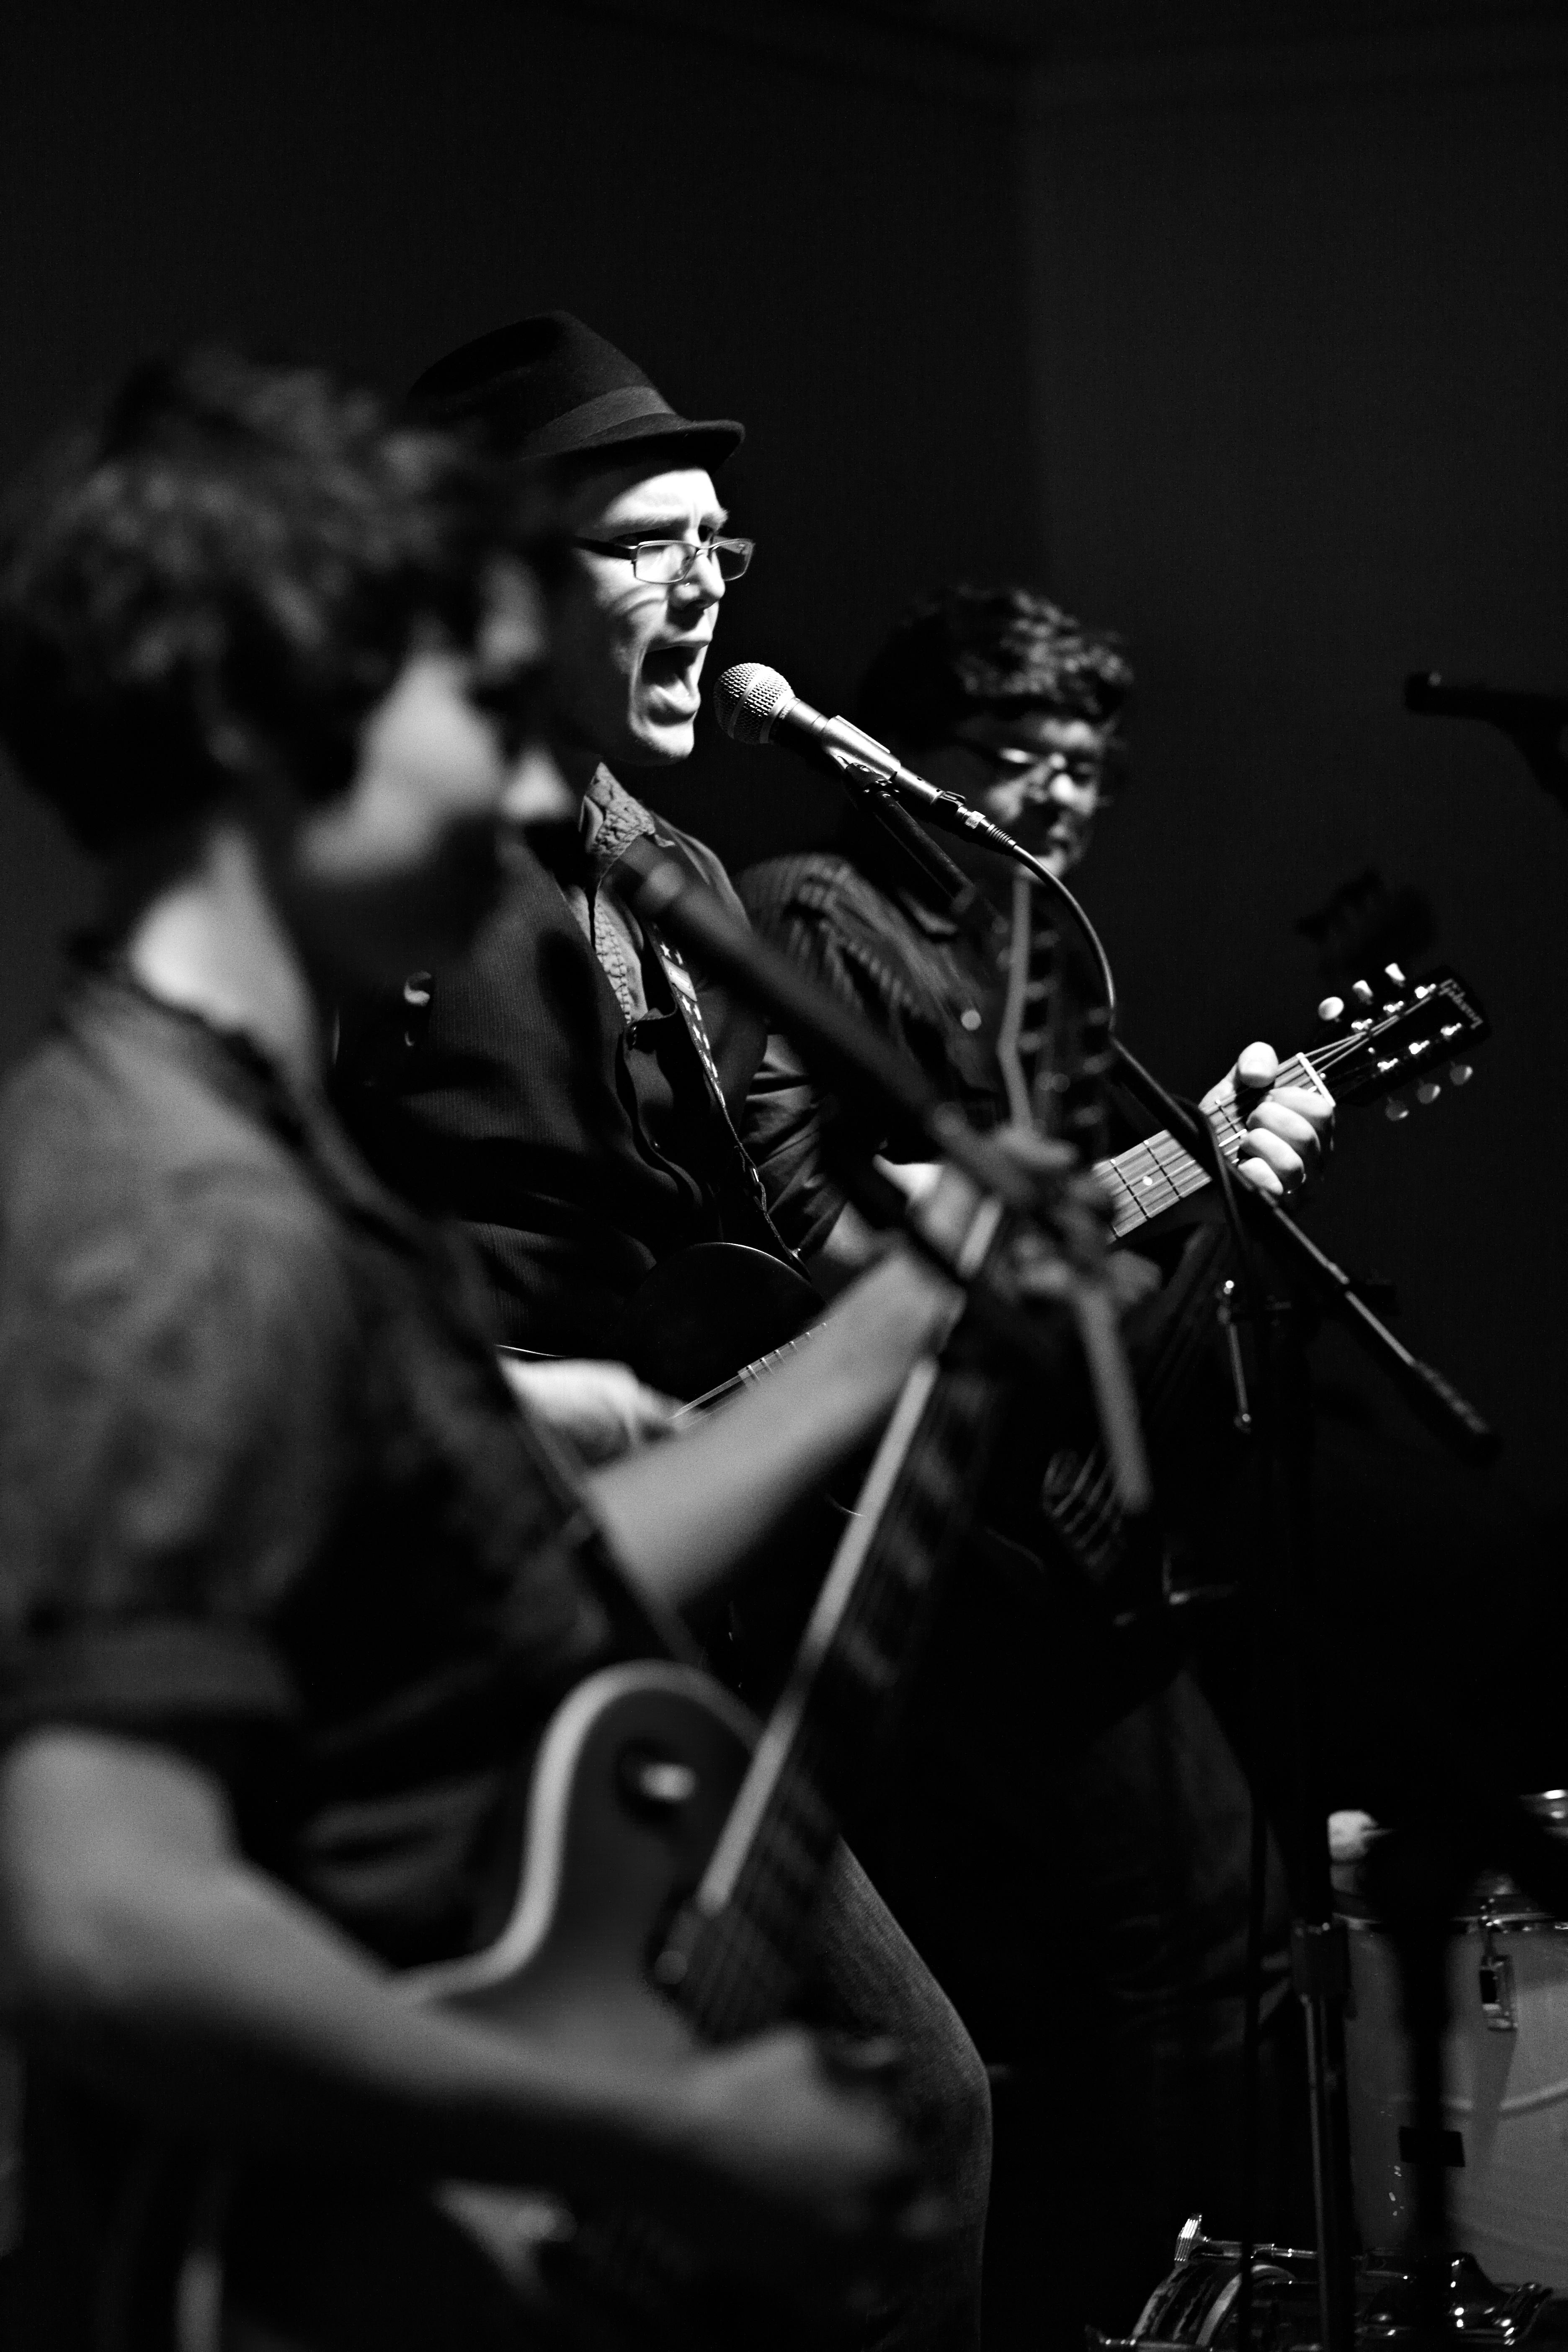 Shiny Shiny Black will play at Three D's Pub & Café in Carmel on July 11.